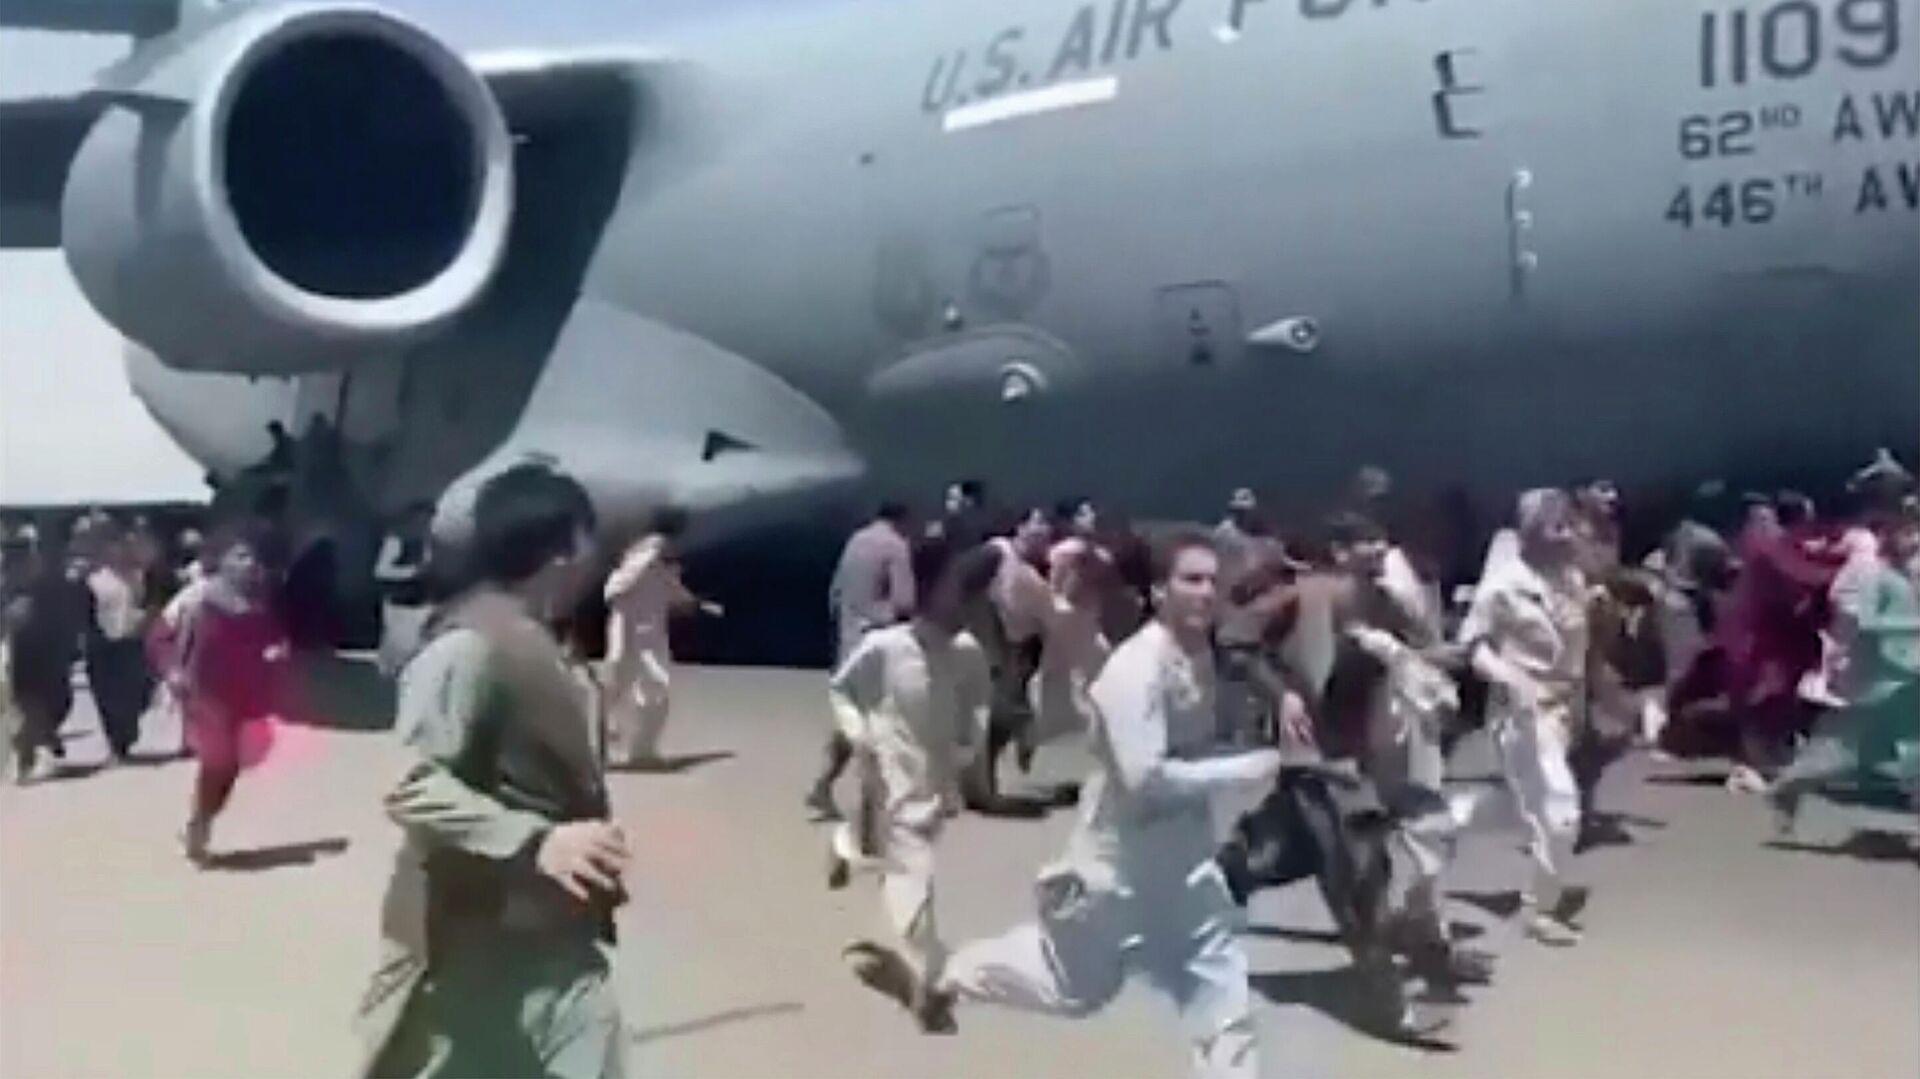 Avganistanci trče pored aviona na aerodromu u Kabulu - Sputnik Srbija, 1920, 18.08.2021